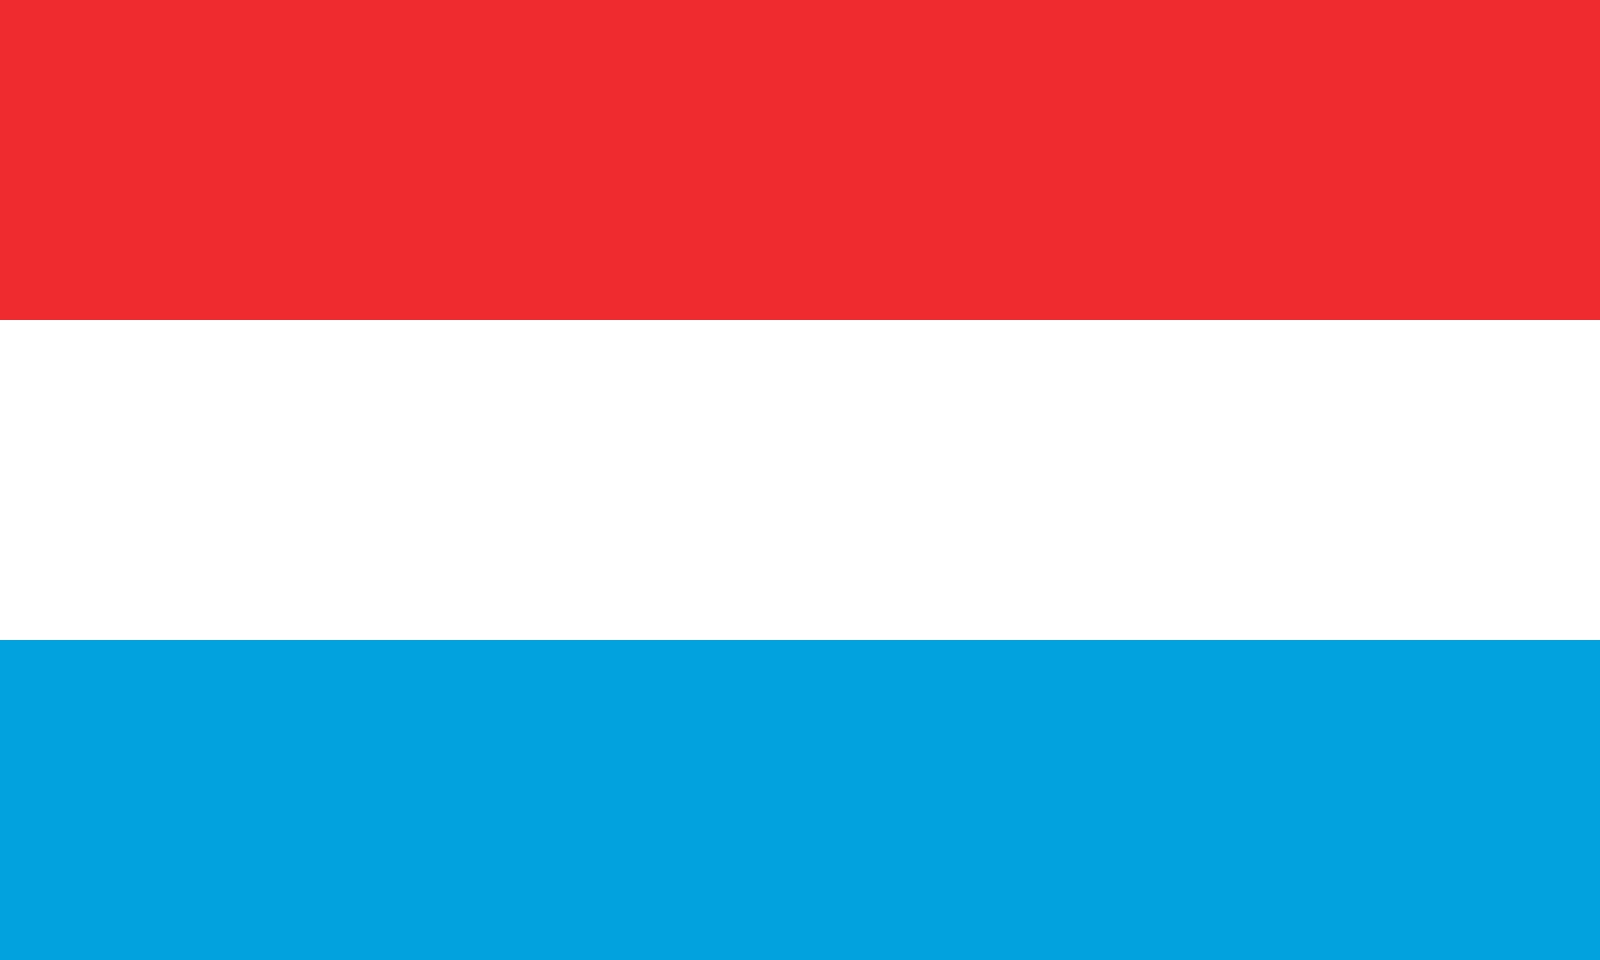 Propriété Intellectuelle LuxembourgeoiseExonération de 80 % des revenus